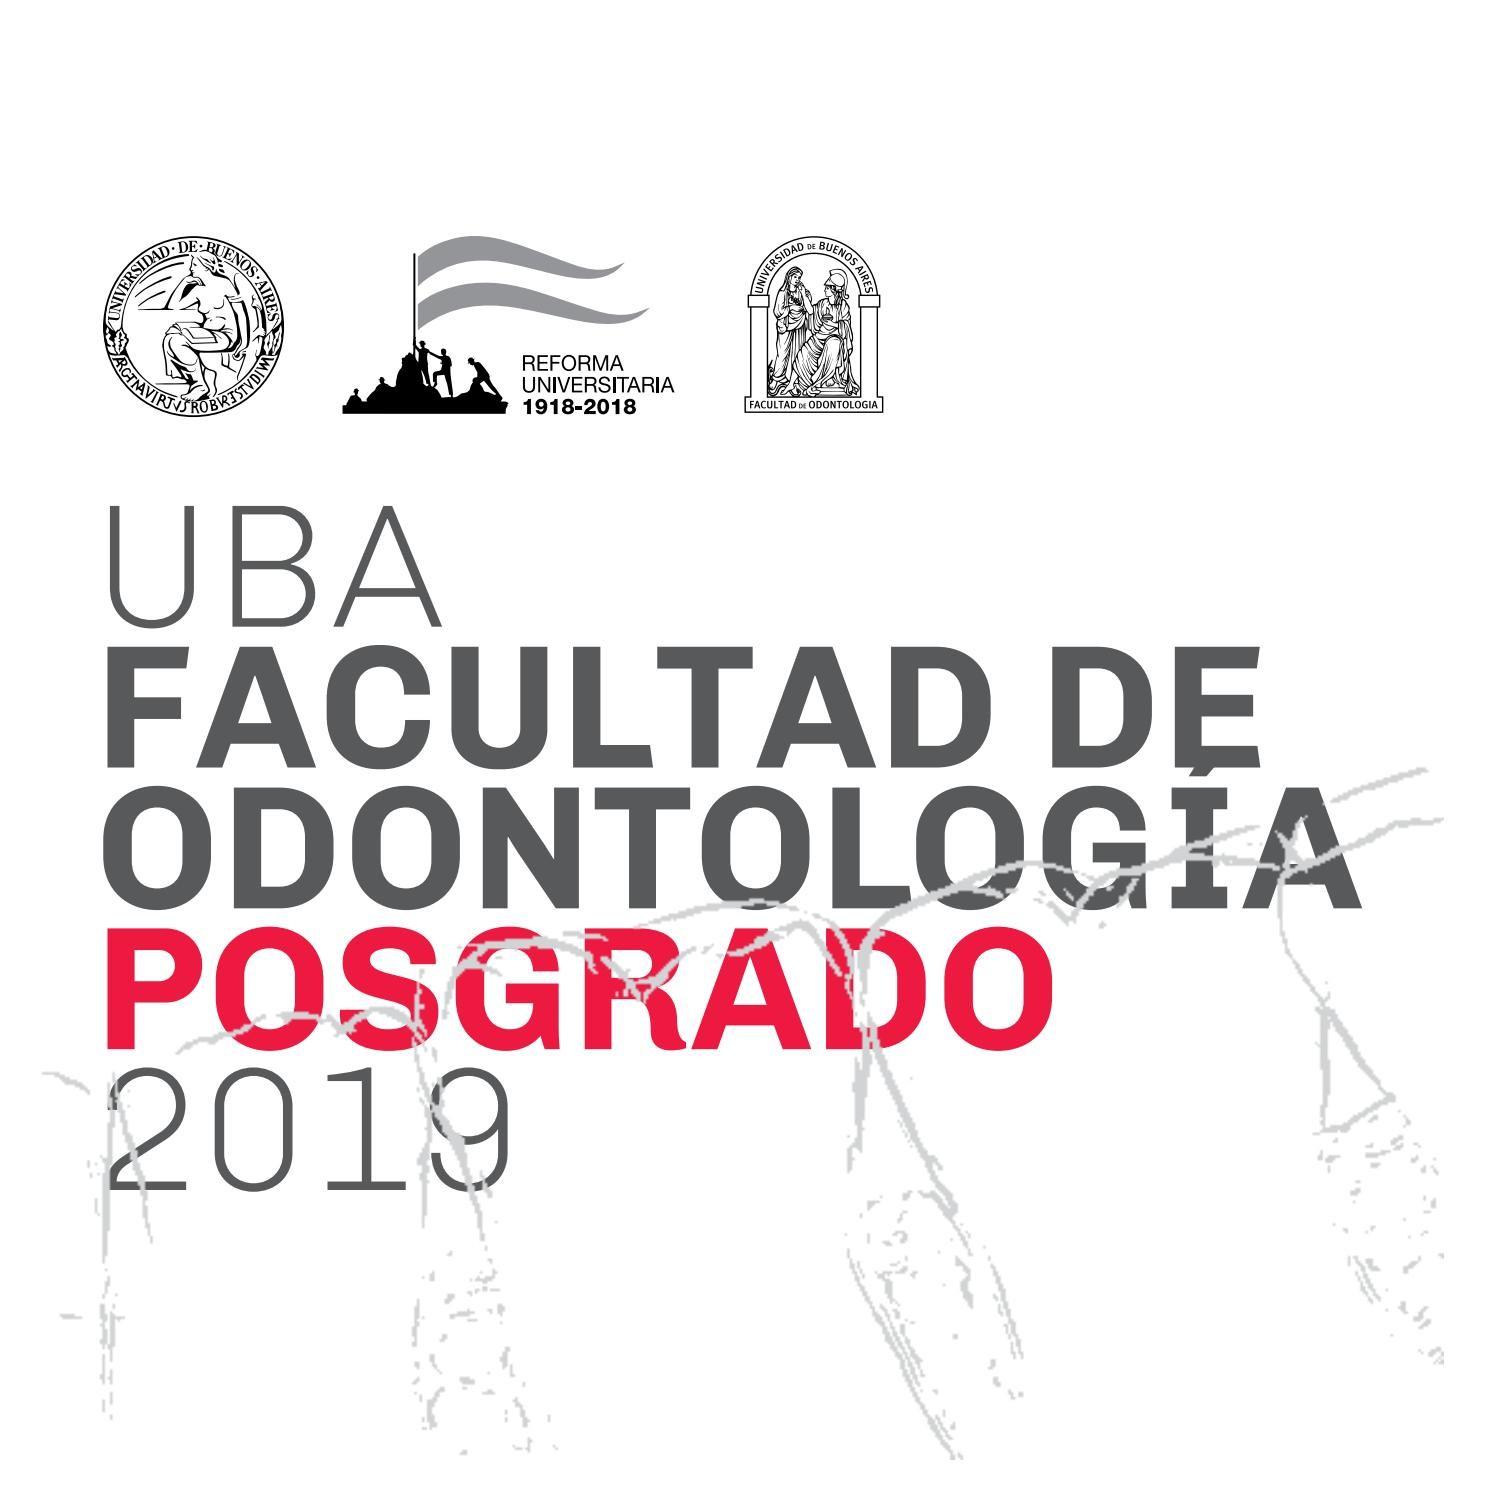 Calendario Escolar 2019 Argentina Buenos Aires Más Recientemente Liberado Libro Uba Facultad De Odontologa Posgrado 2019 by Marral issuu